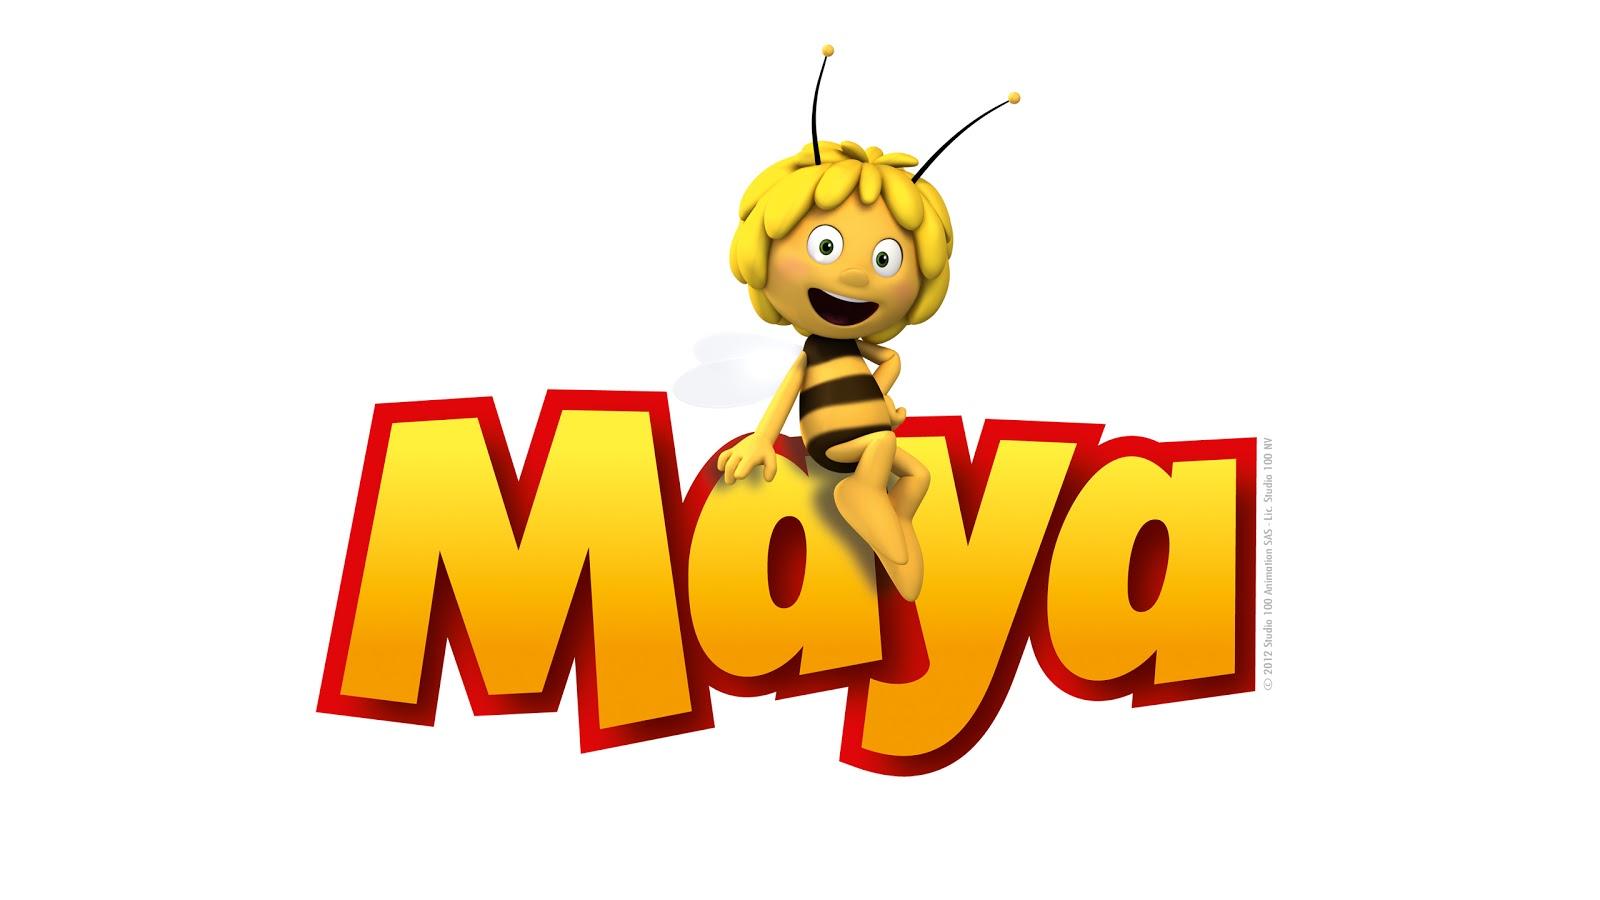 http://4.bp.blogspot.com/-WNp2Rr2fOu4/UMNMirorAtI/AAAAAAAACsI/XD9Vjlx8rjU/s1600/maya_wallpaper_06.jpg